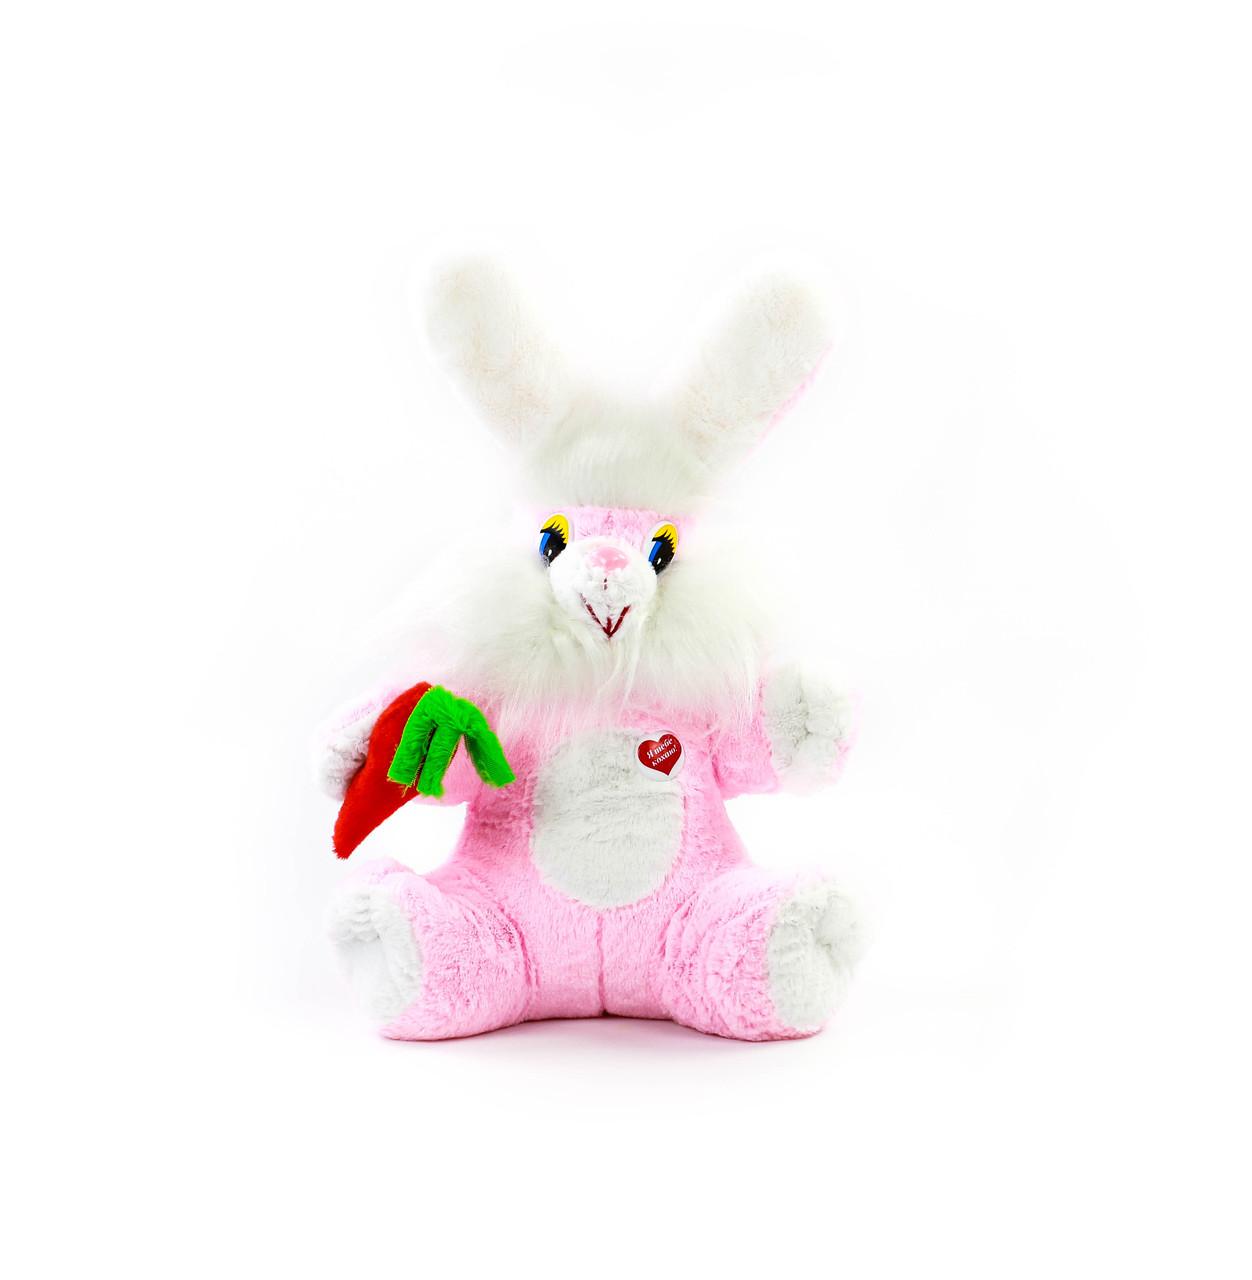 М'яка іграшка Зайченя з Морквиною